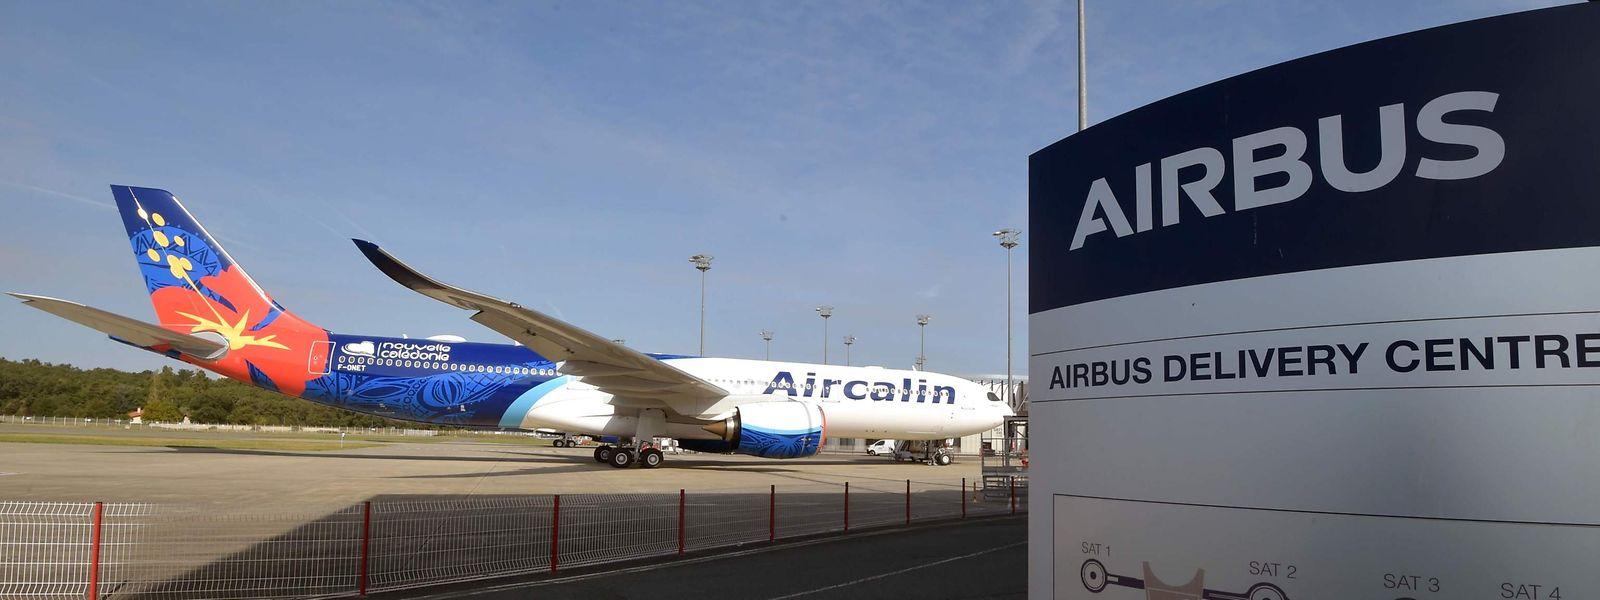 Les Etats-Unis entendent sanctionner les États européens ayant notamment subventionné Airbus.